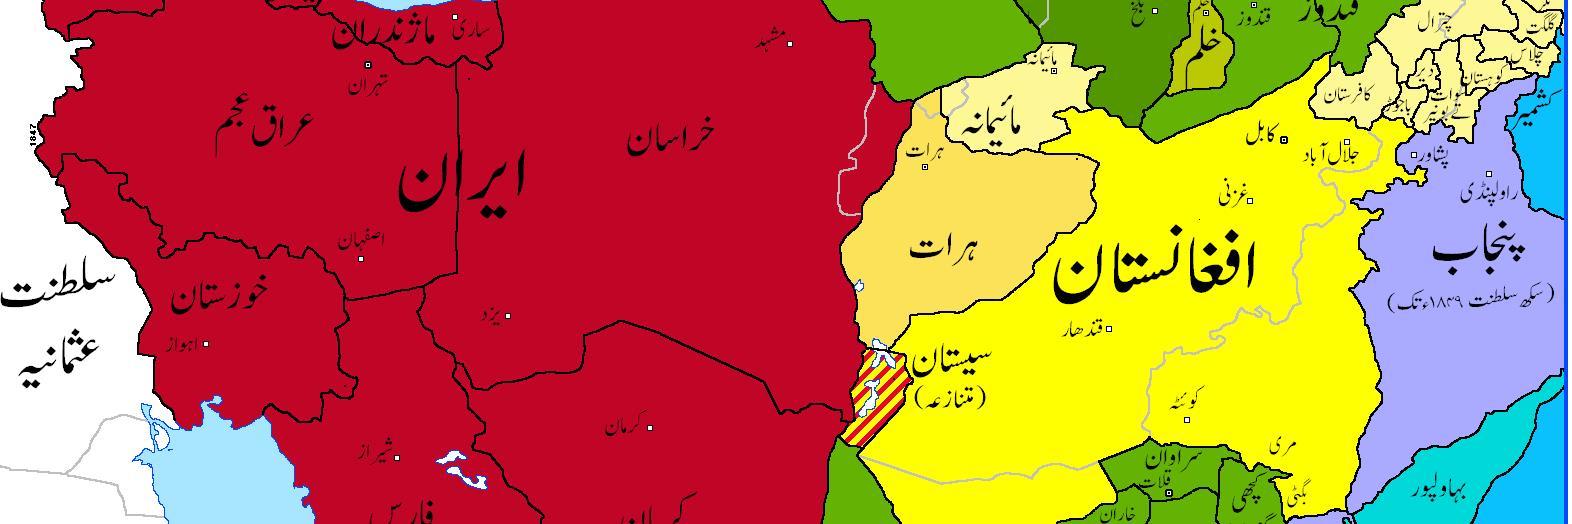 چگونگی جدایی افغانستان از ایران